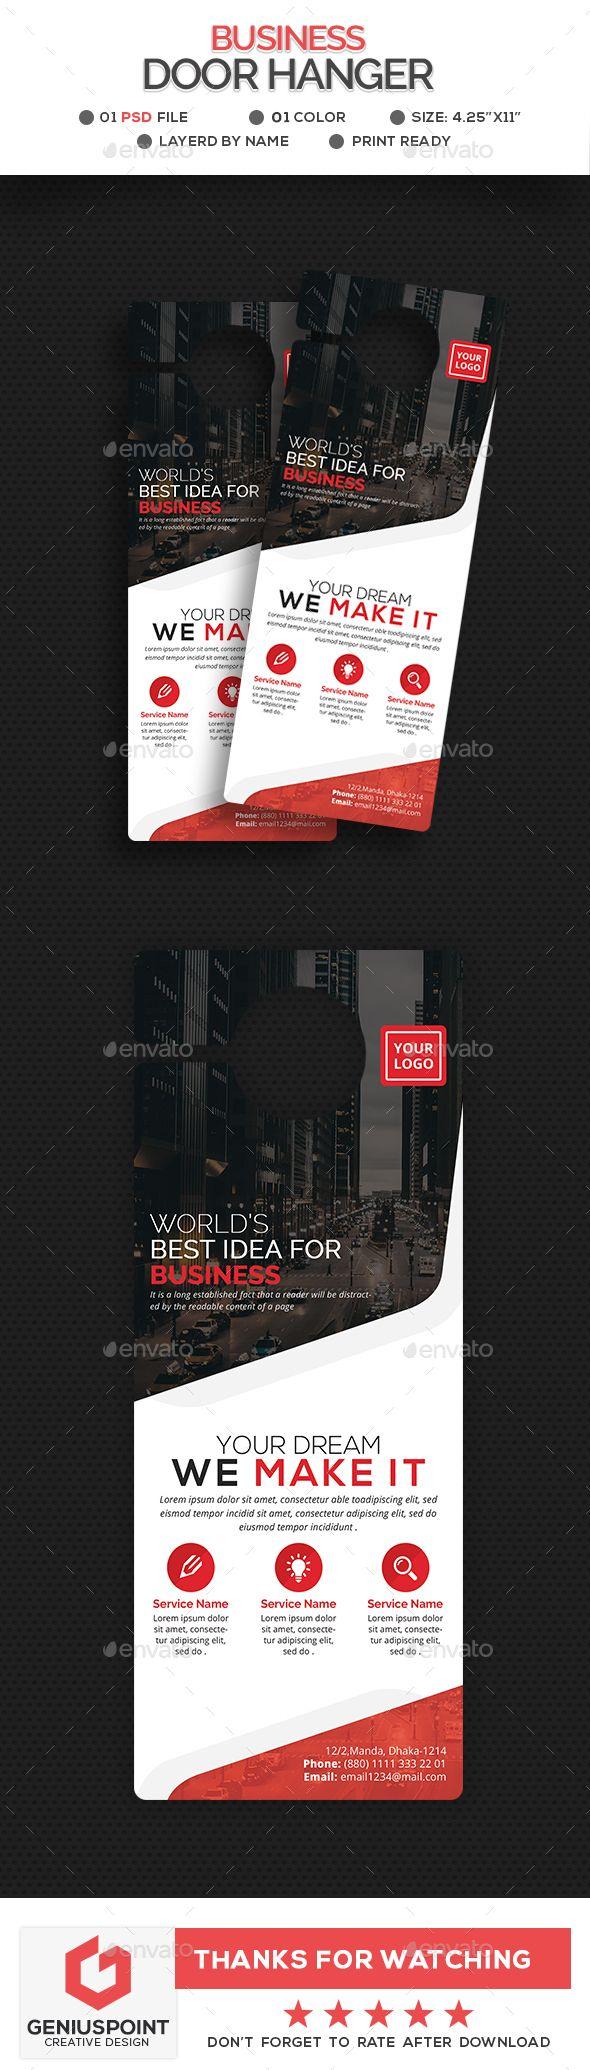 Business Door Hanger Template | Door hanger template, Hanger and ...